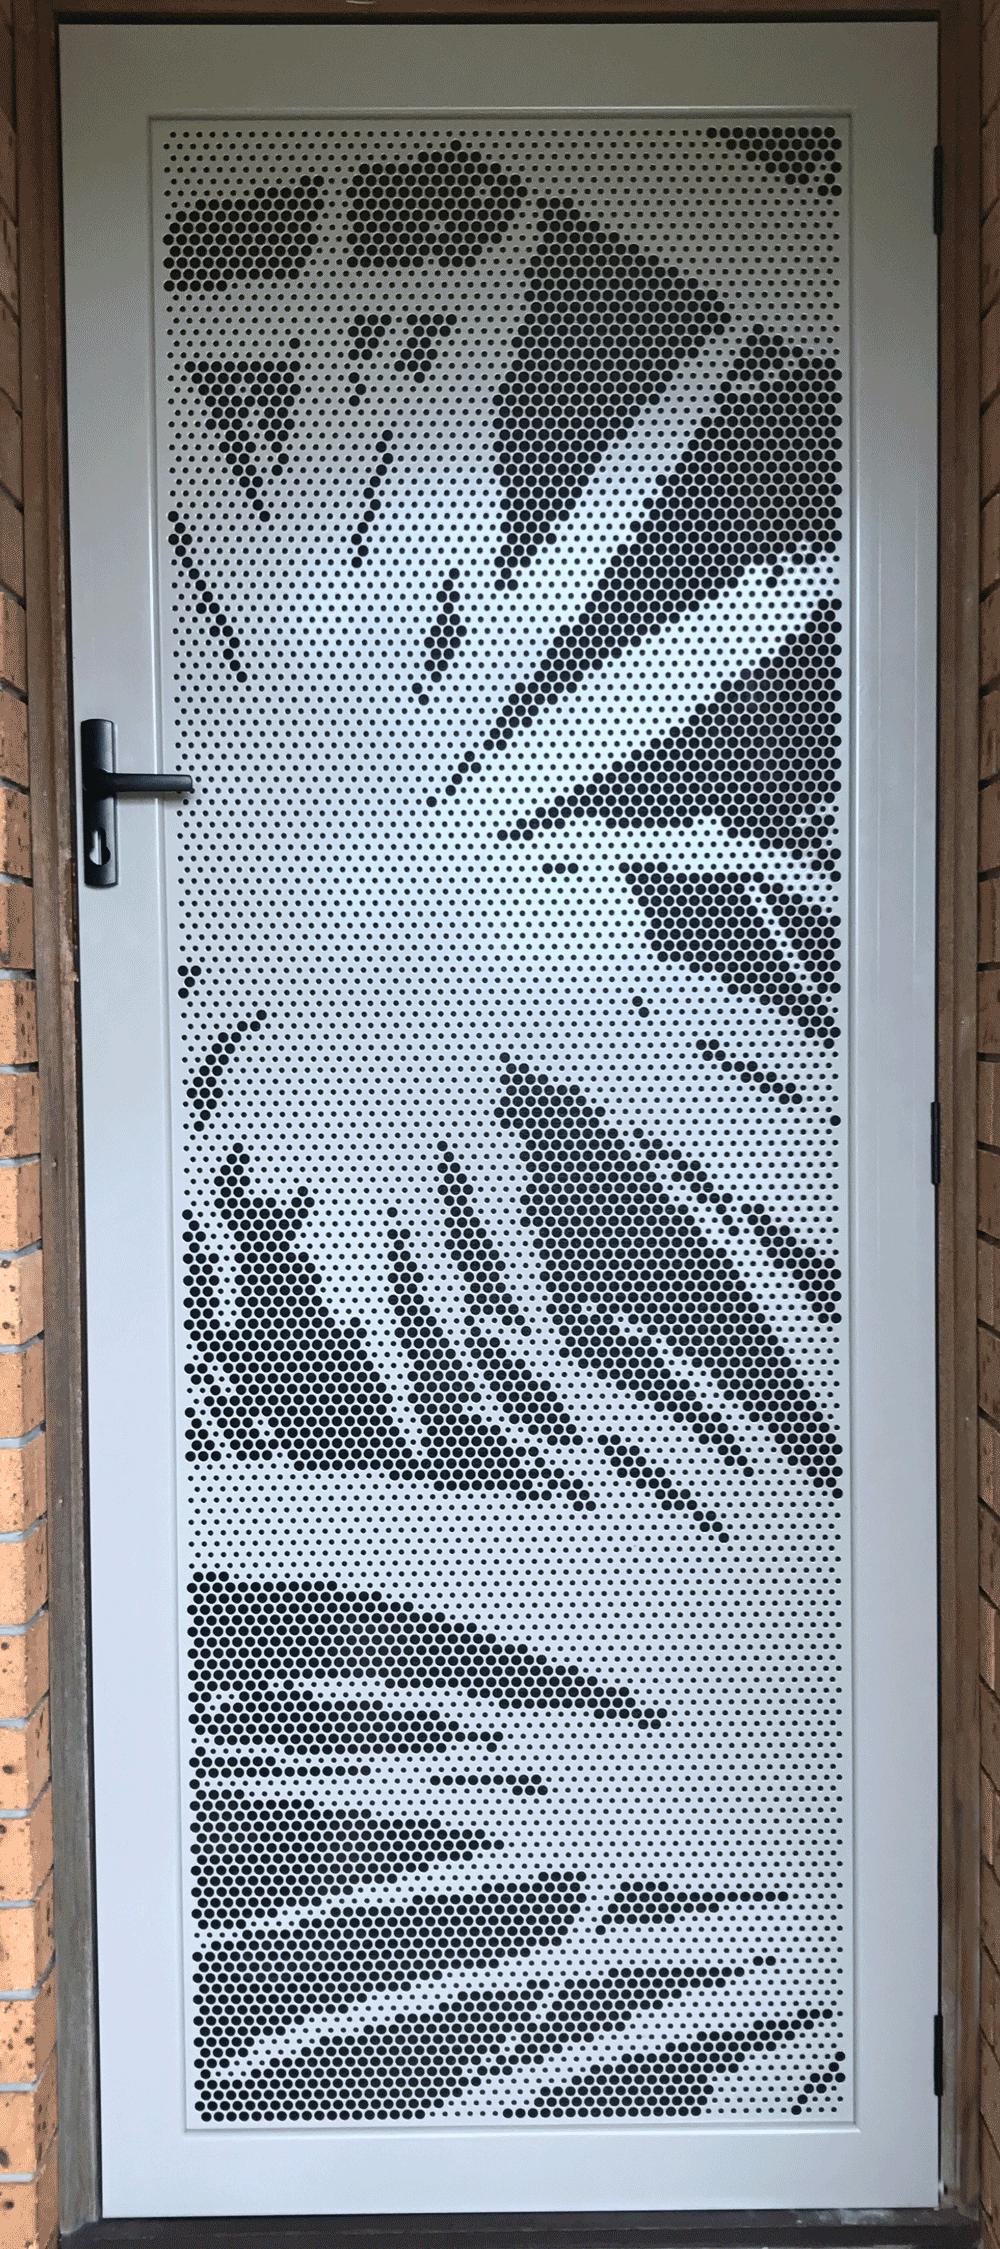 Decorative Security Screen Doors decoview hinged decorative security screen doors.security screen